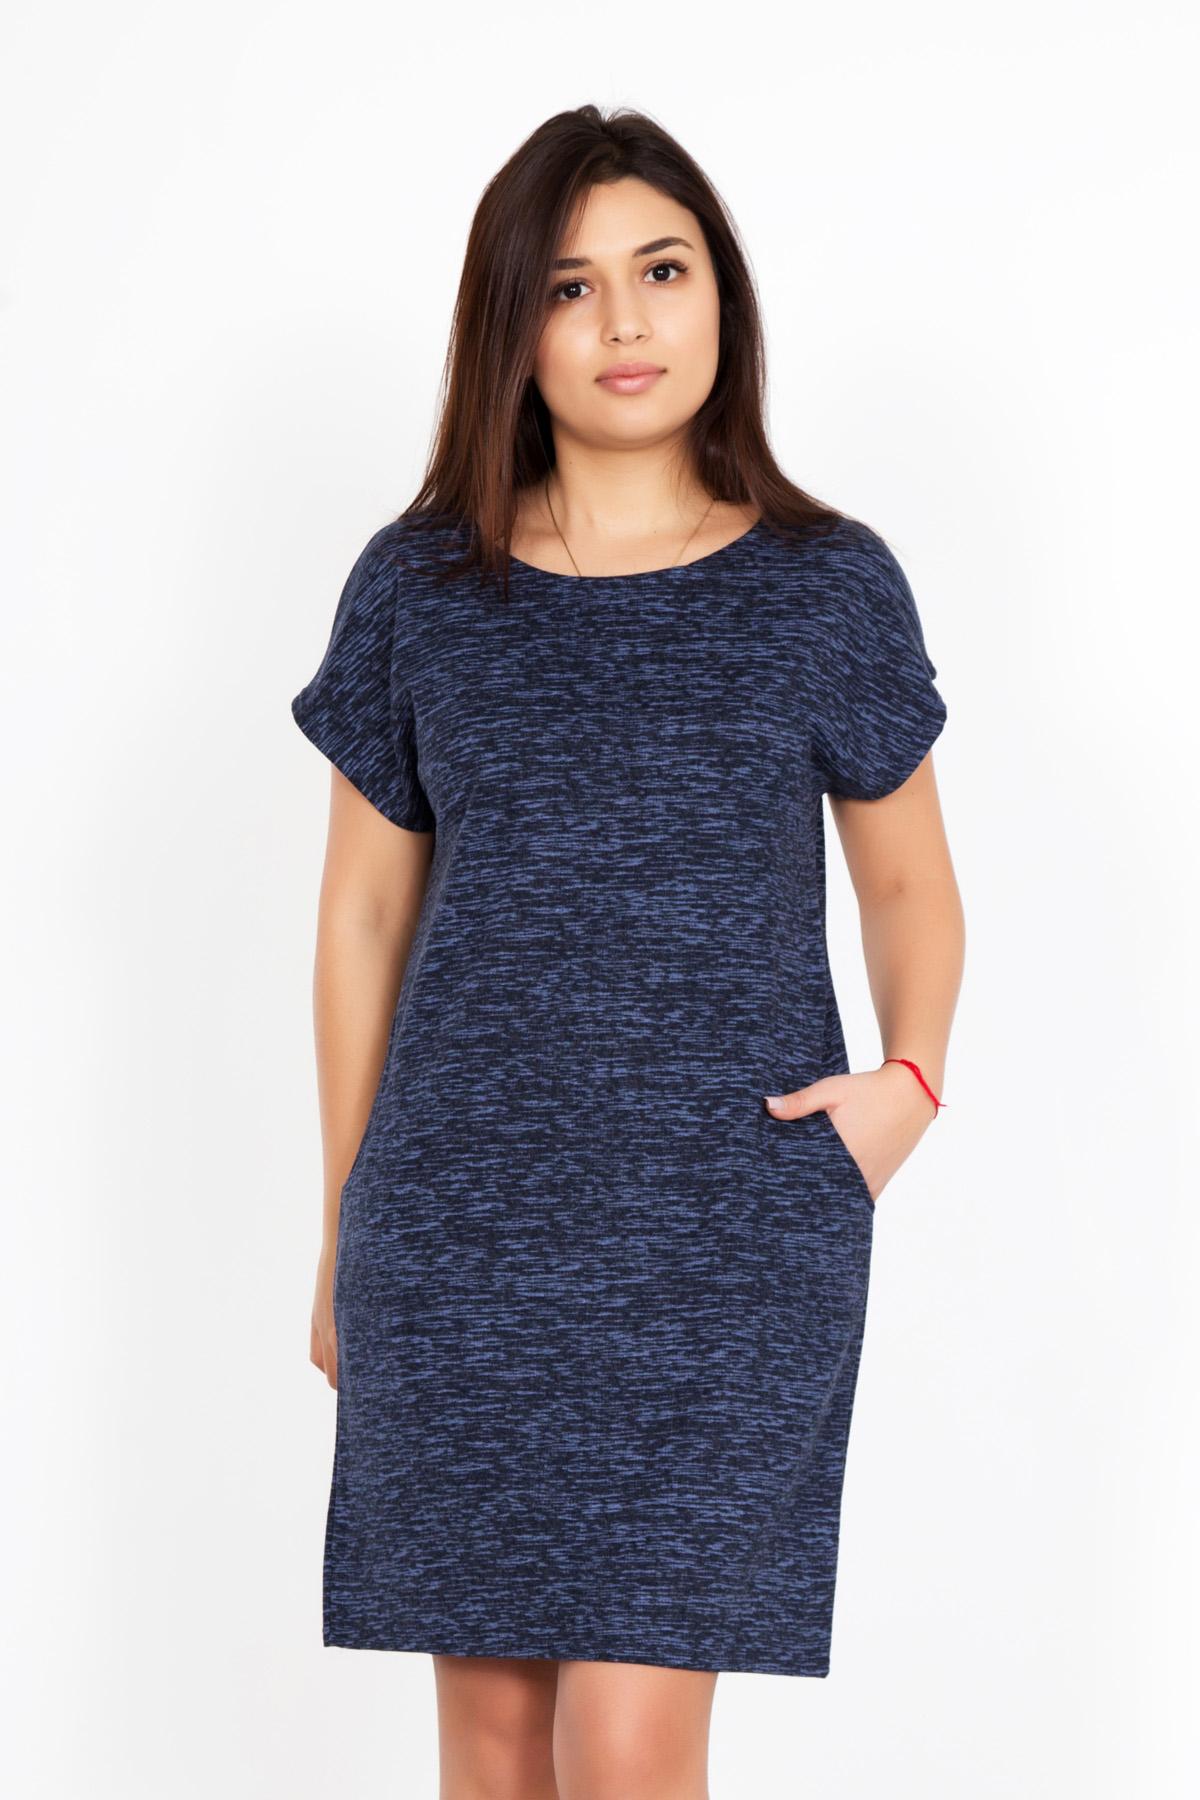 Жен. платье Кайла Синий р. 52Платья<br>Обхват груди:104 см<br>Обхват талии:85 см<br>Обхват бедер:112 см<br>Длина по спинке:86 см<br>Рост:167 см<br><br>Тип: Жен. платье<br>Размер: 52<br>Материал: Футер